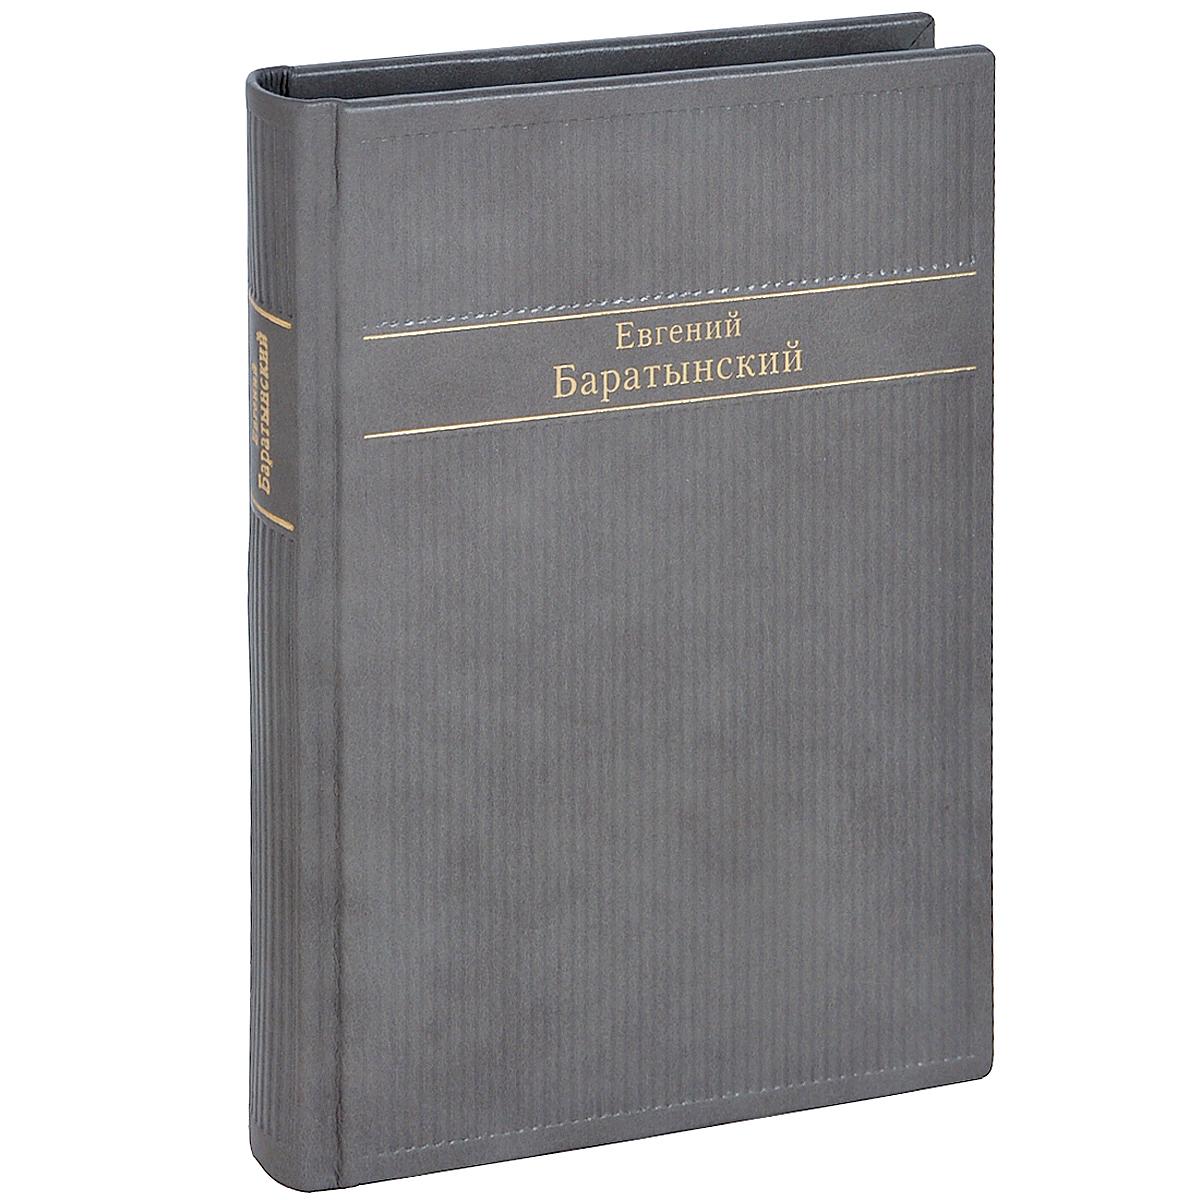 Евгений Баратынский Евгений Баратынский. Избранные стихотворения часть речи избранные стихотворения